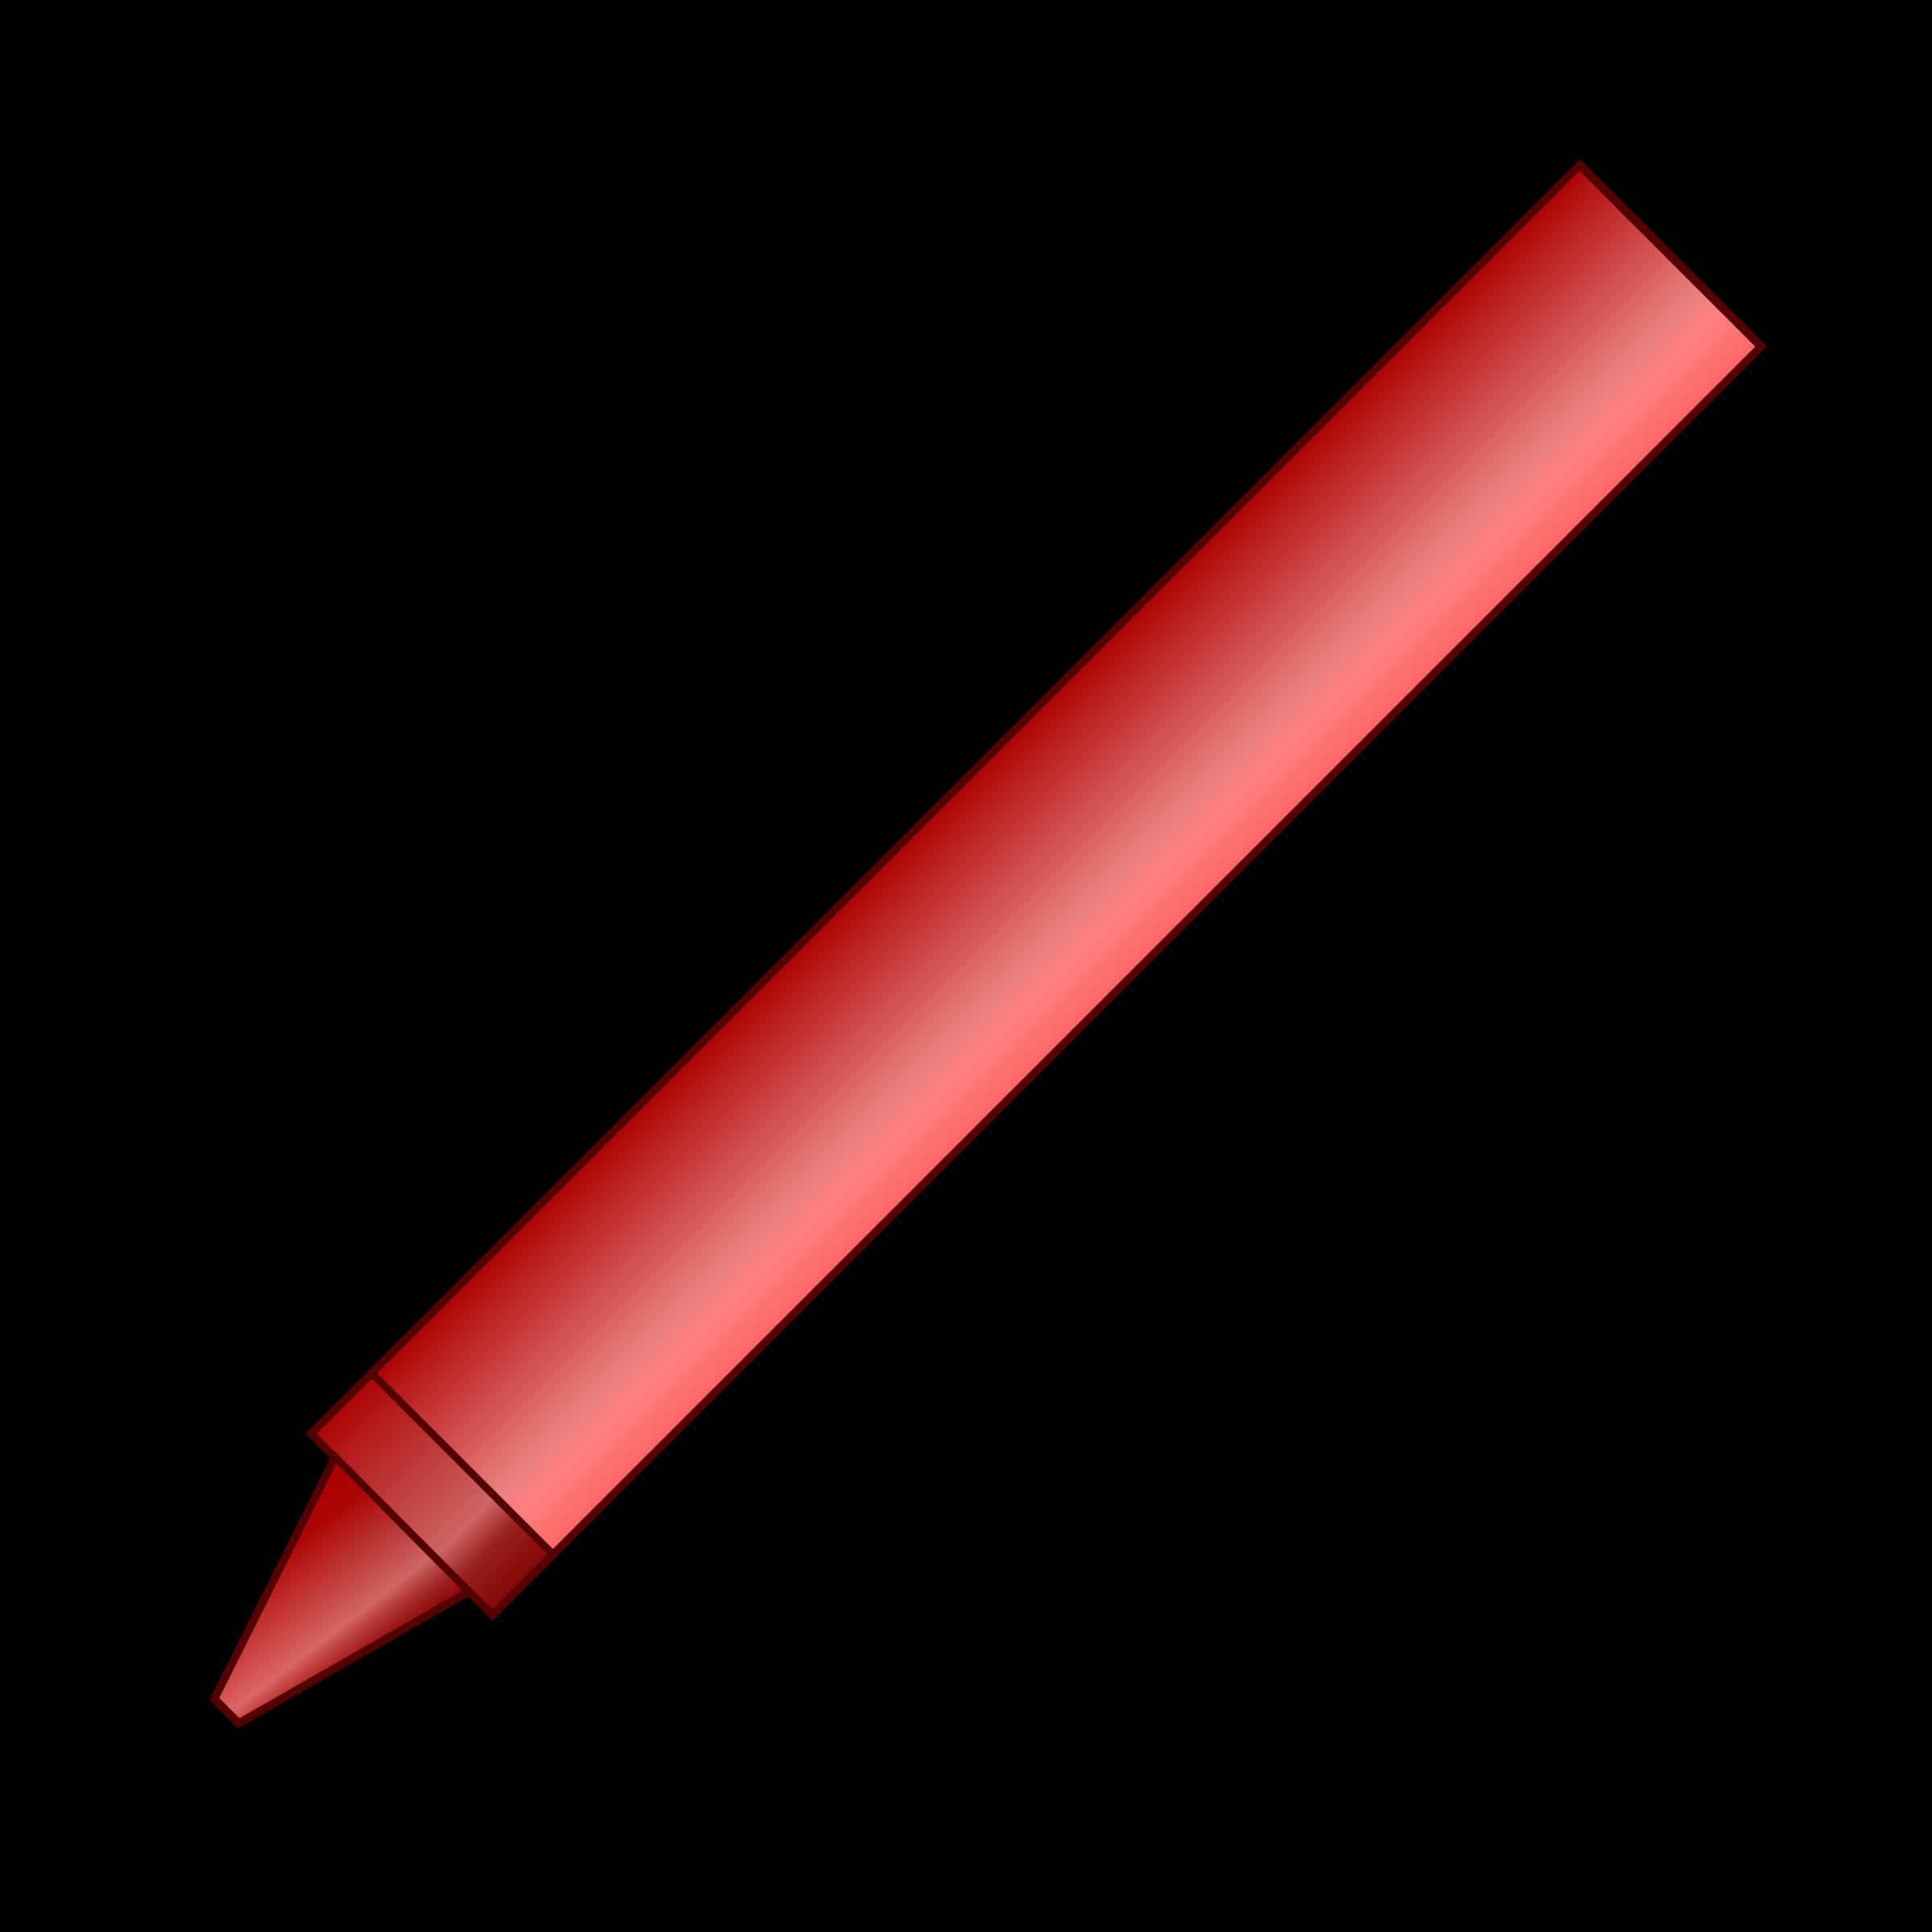 Crayon image png. Crayons clipart big